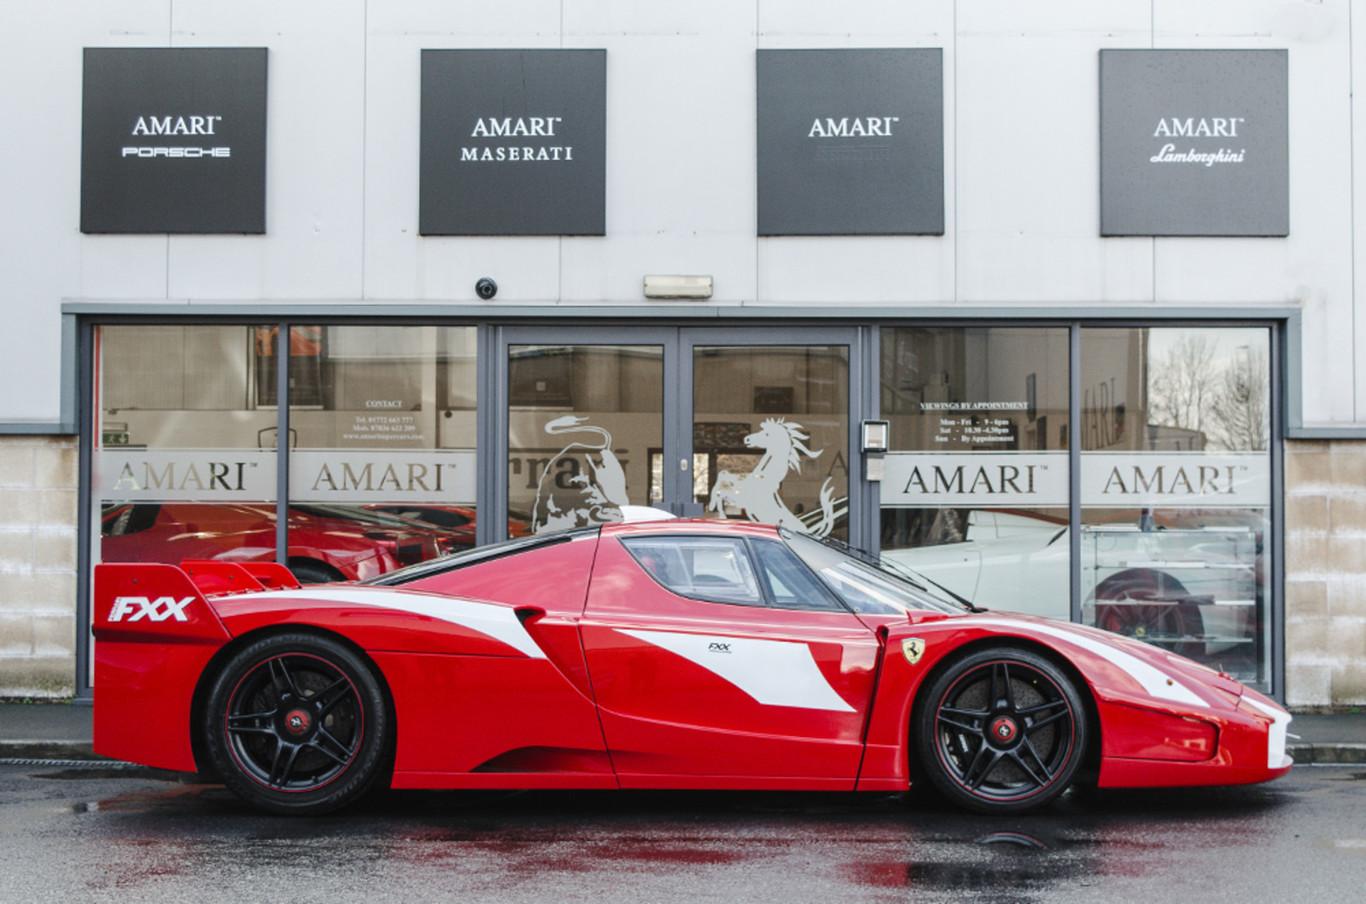 Ferrari Fxx Evoluzione Stradale Una Rareza Con La Que Puedes Rodar Por Carretera Abierta Y Esta A La Venta